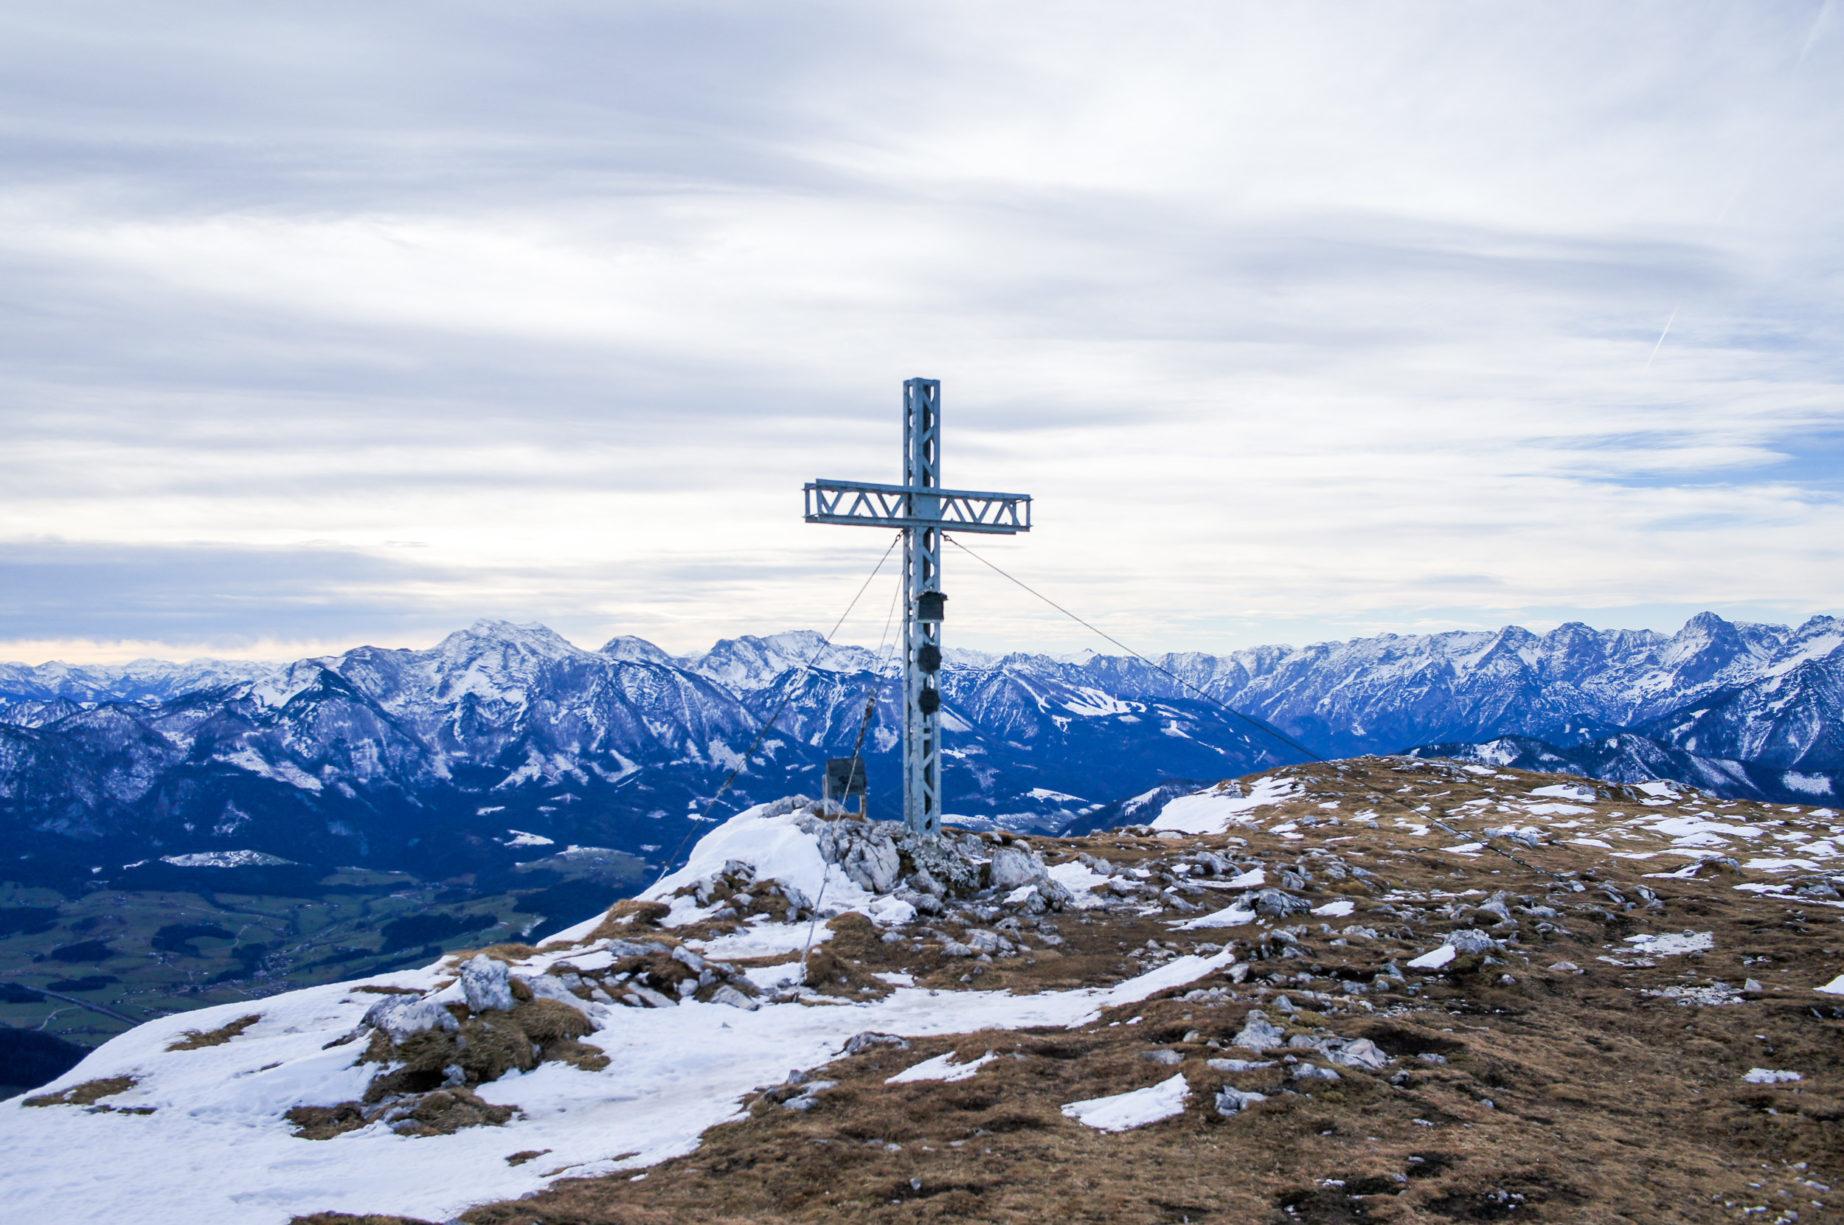 """Das Gipfelkreuz mit tollem Panorama im Hintergrund."""" width=""""922"""" height=""""613"""" /> Das Gipfelkreuz mit tollem Panorama im Hintergrund ( Warscheneck links vom Kreuz)"""